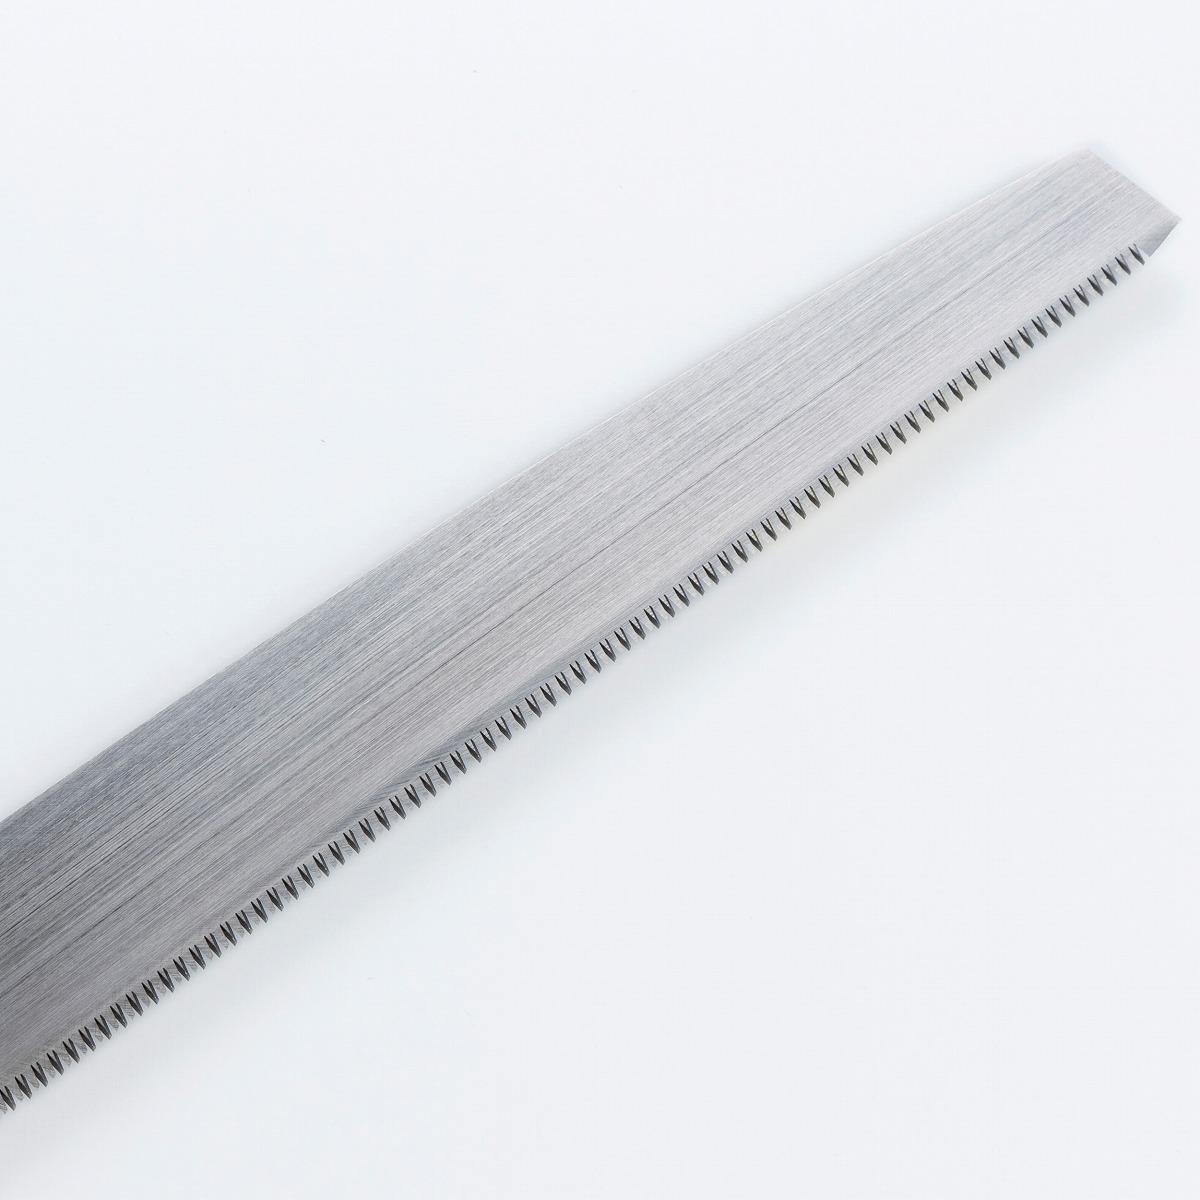 替刃式 竹挽鋸 240mm(乾燥竹用) 刃先